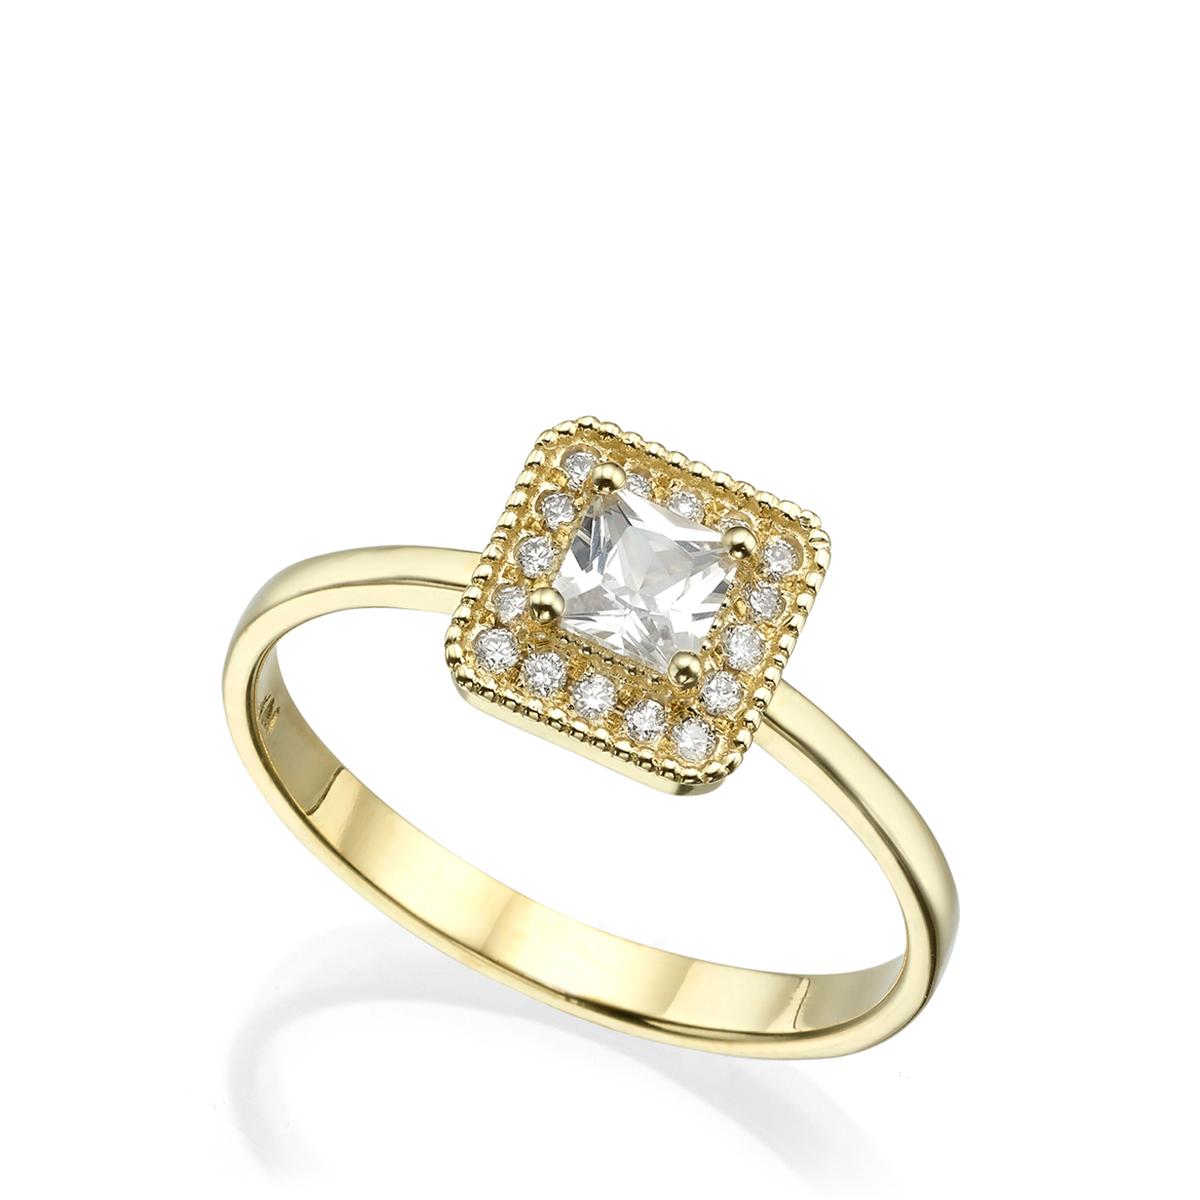 טבעת יהלום פרינסס בסגנון עתיק